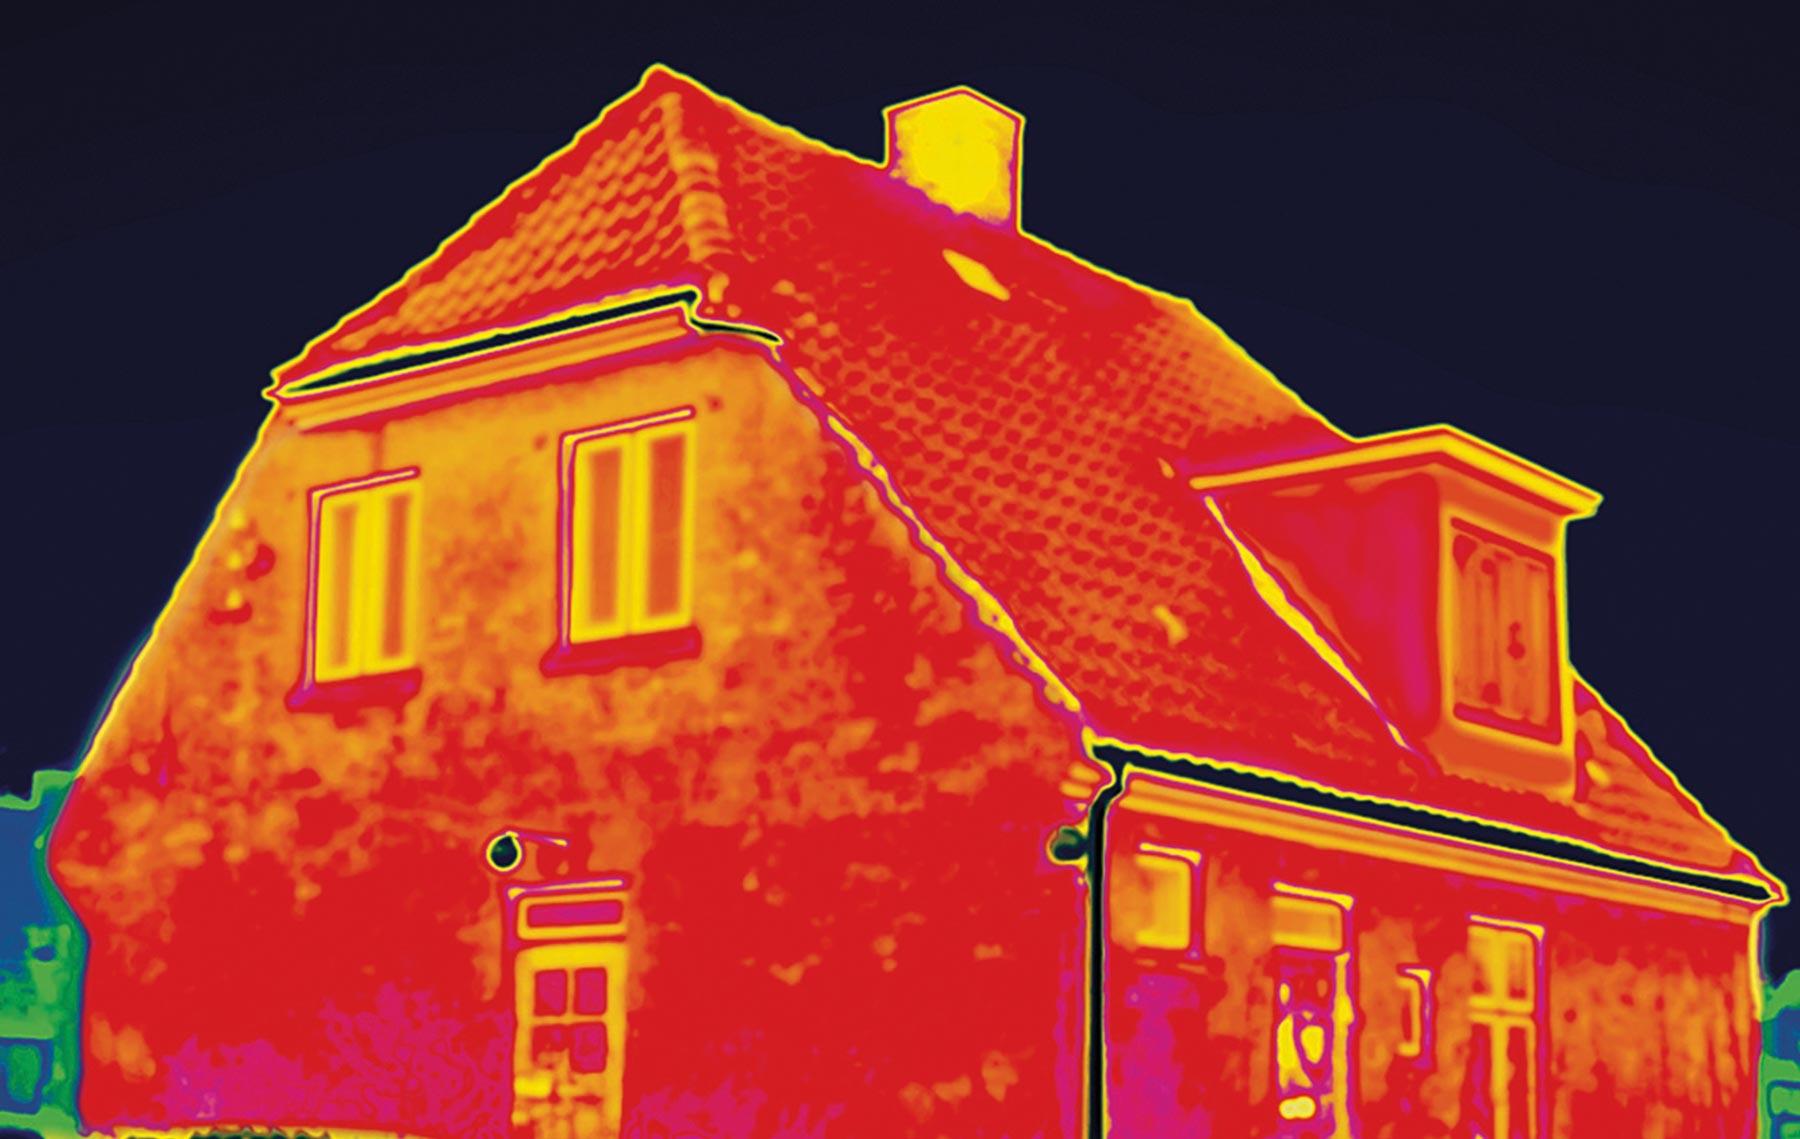 Systemowa termomodernizacja domów jednorodzinnych na wsi szansą na czyste powietrze